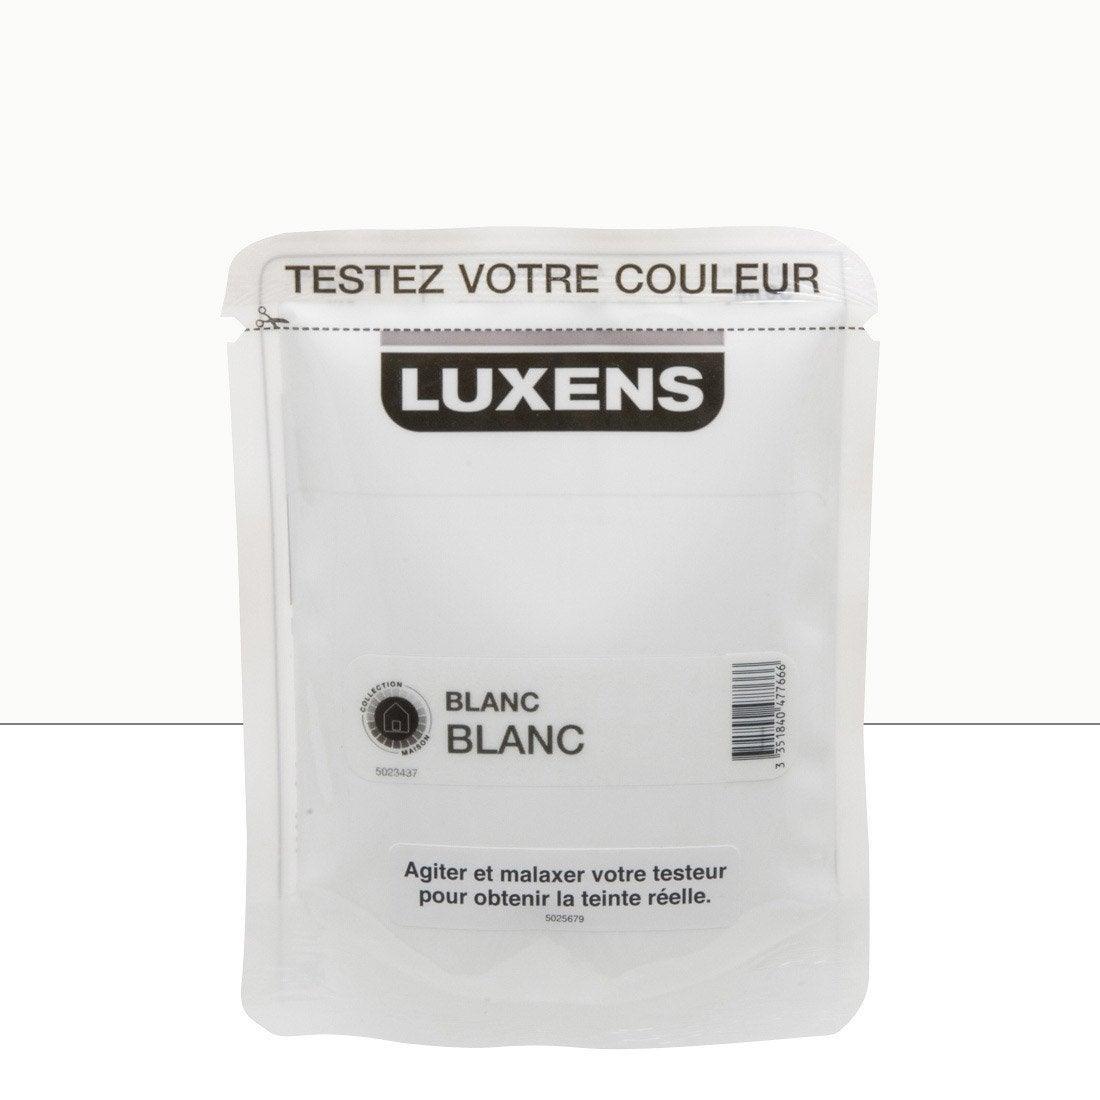 Testeur peinture blanc blanc 0 luxens couleurs int rieures - Peinture luxens blanc satin ...